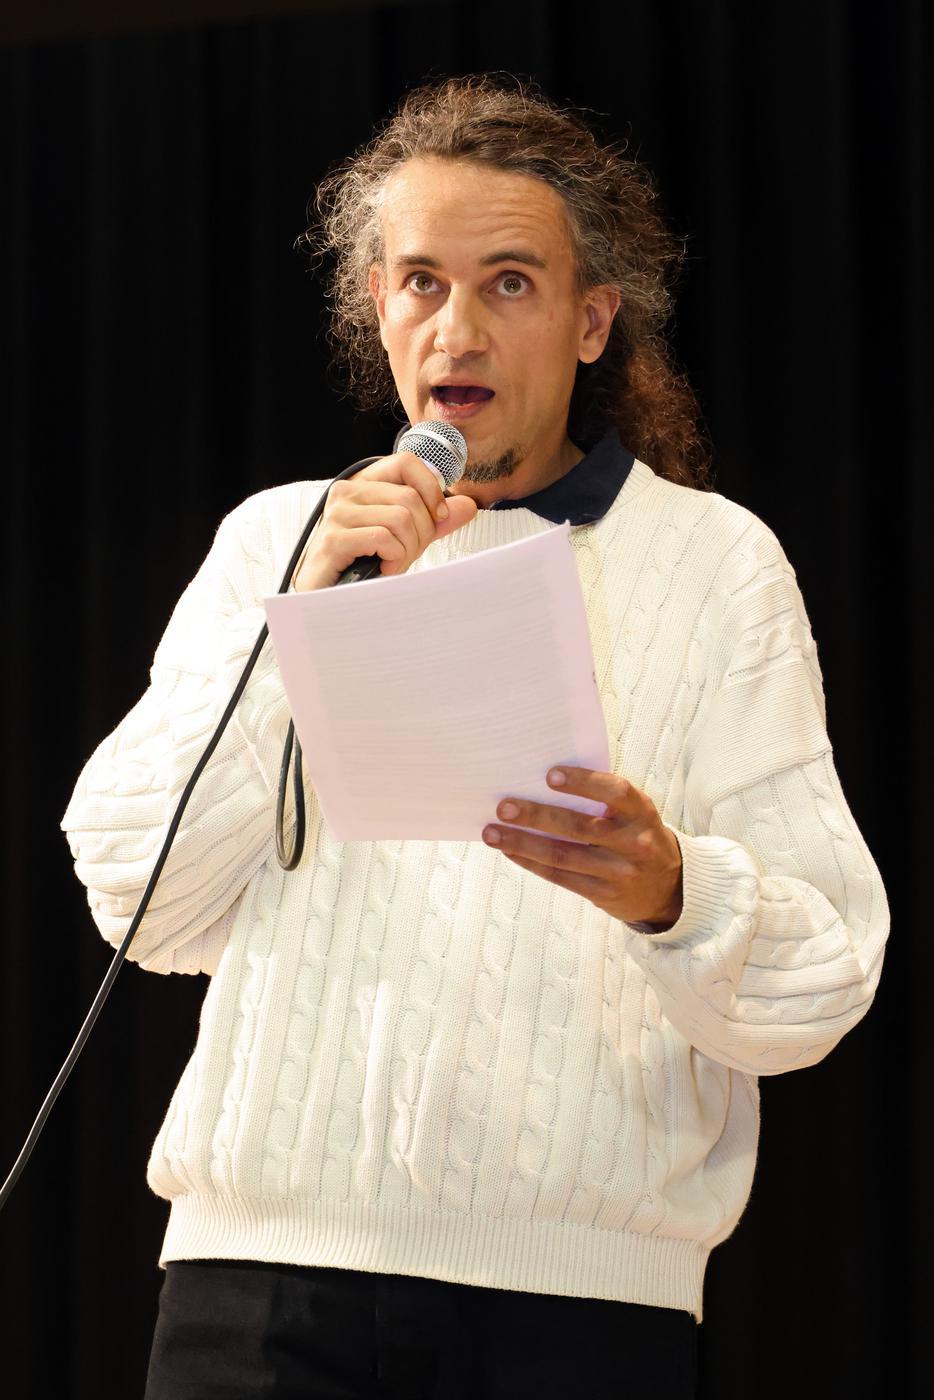 Florian Georg Maximilian Blume (45) Lebens- und Unterhaltungskünstler aus Knittlingen